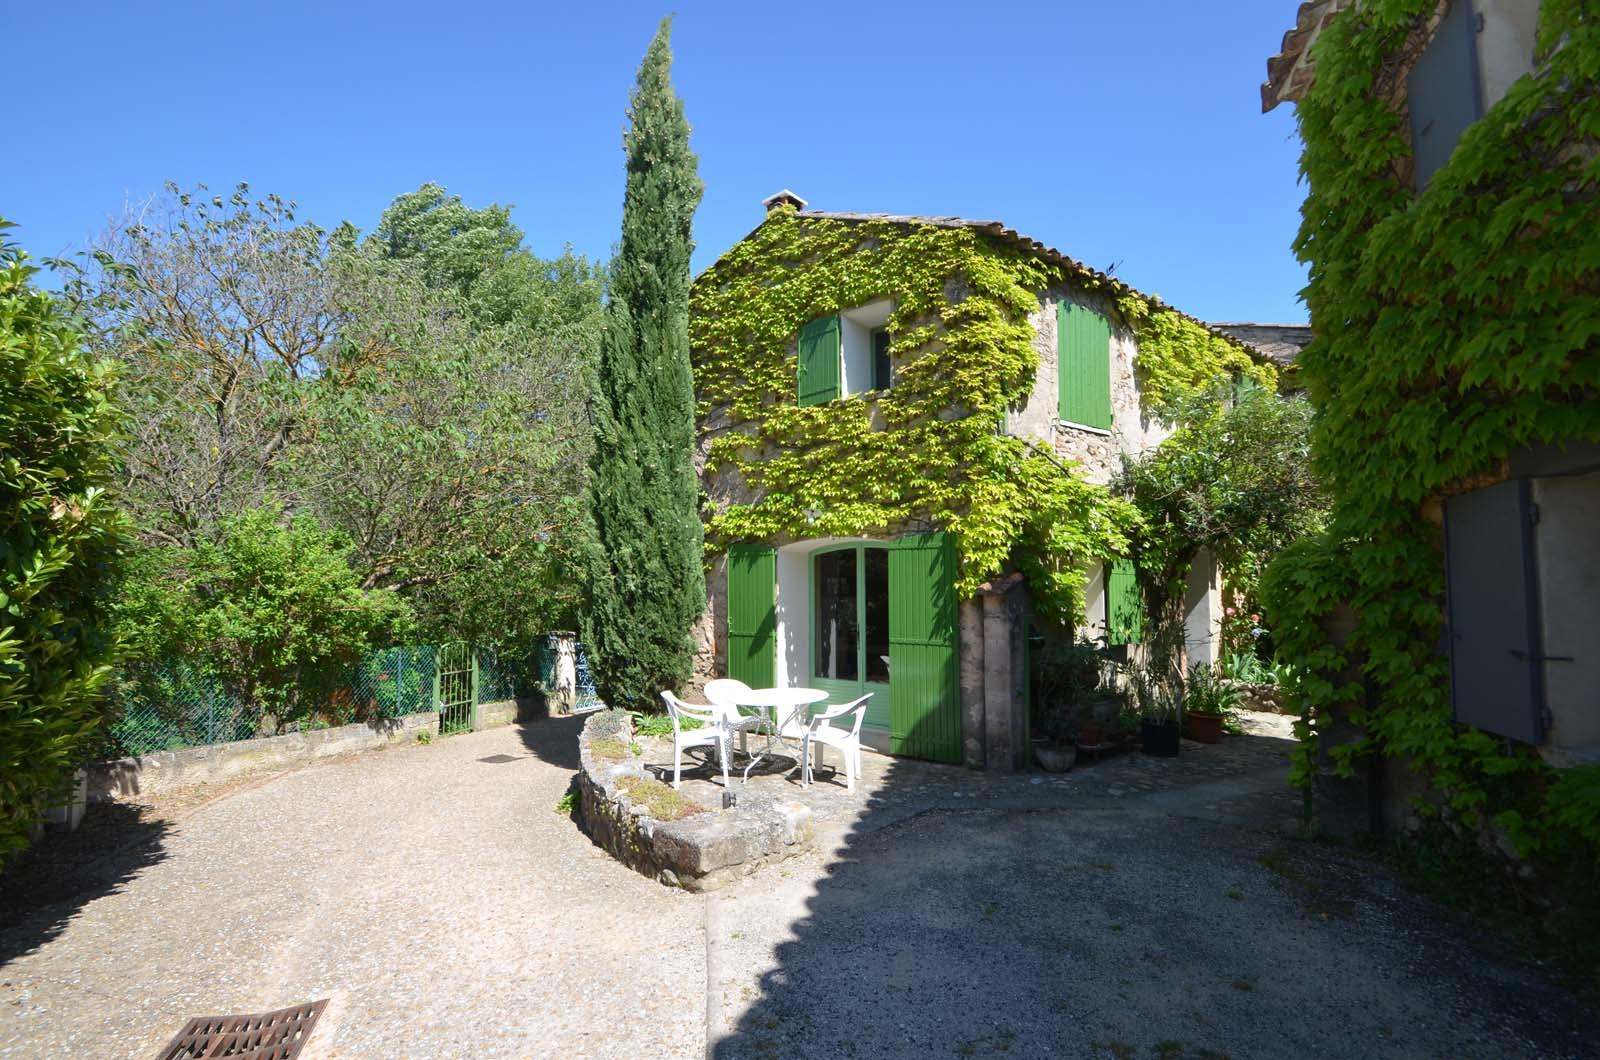 Vakantiehuis in Provence-Côte d'Azur in Gargas (Frankrijk)